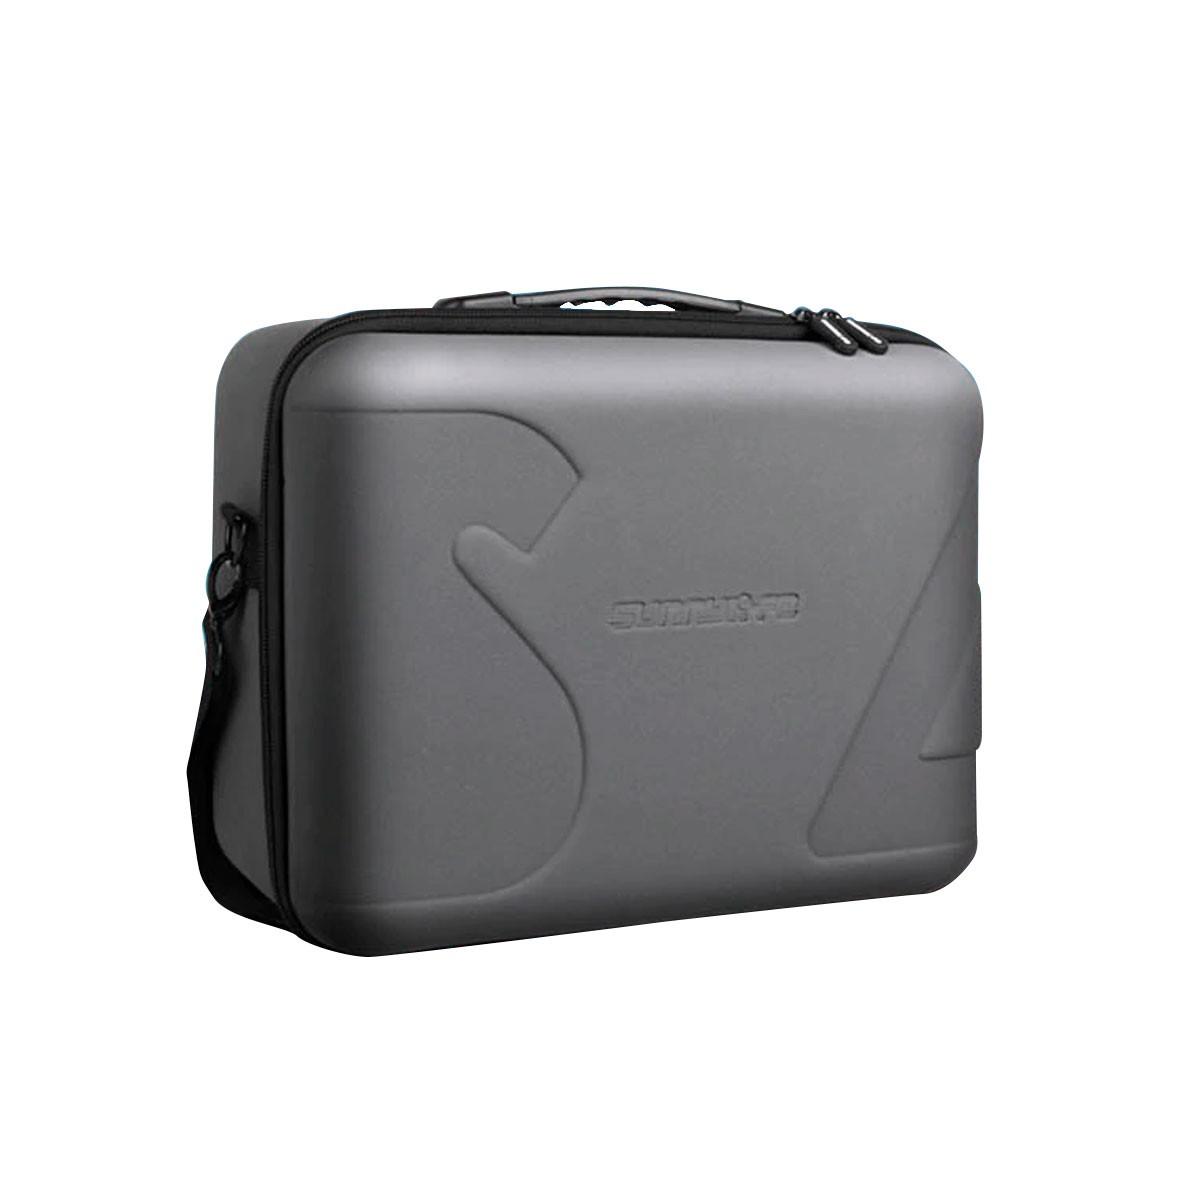 Maleta Case para Drone Controle e Baterias - DJI Mavic 2